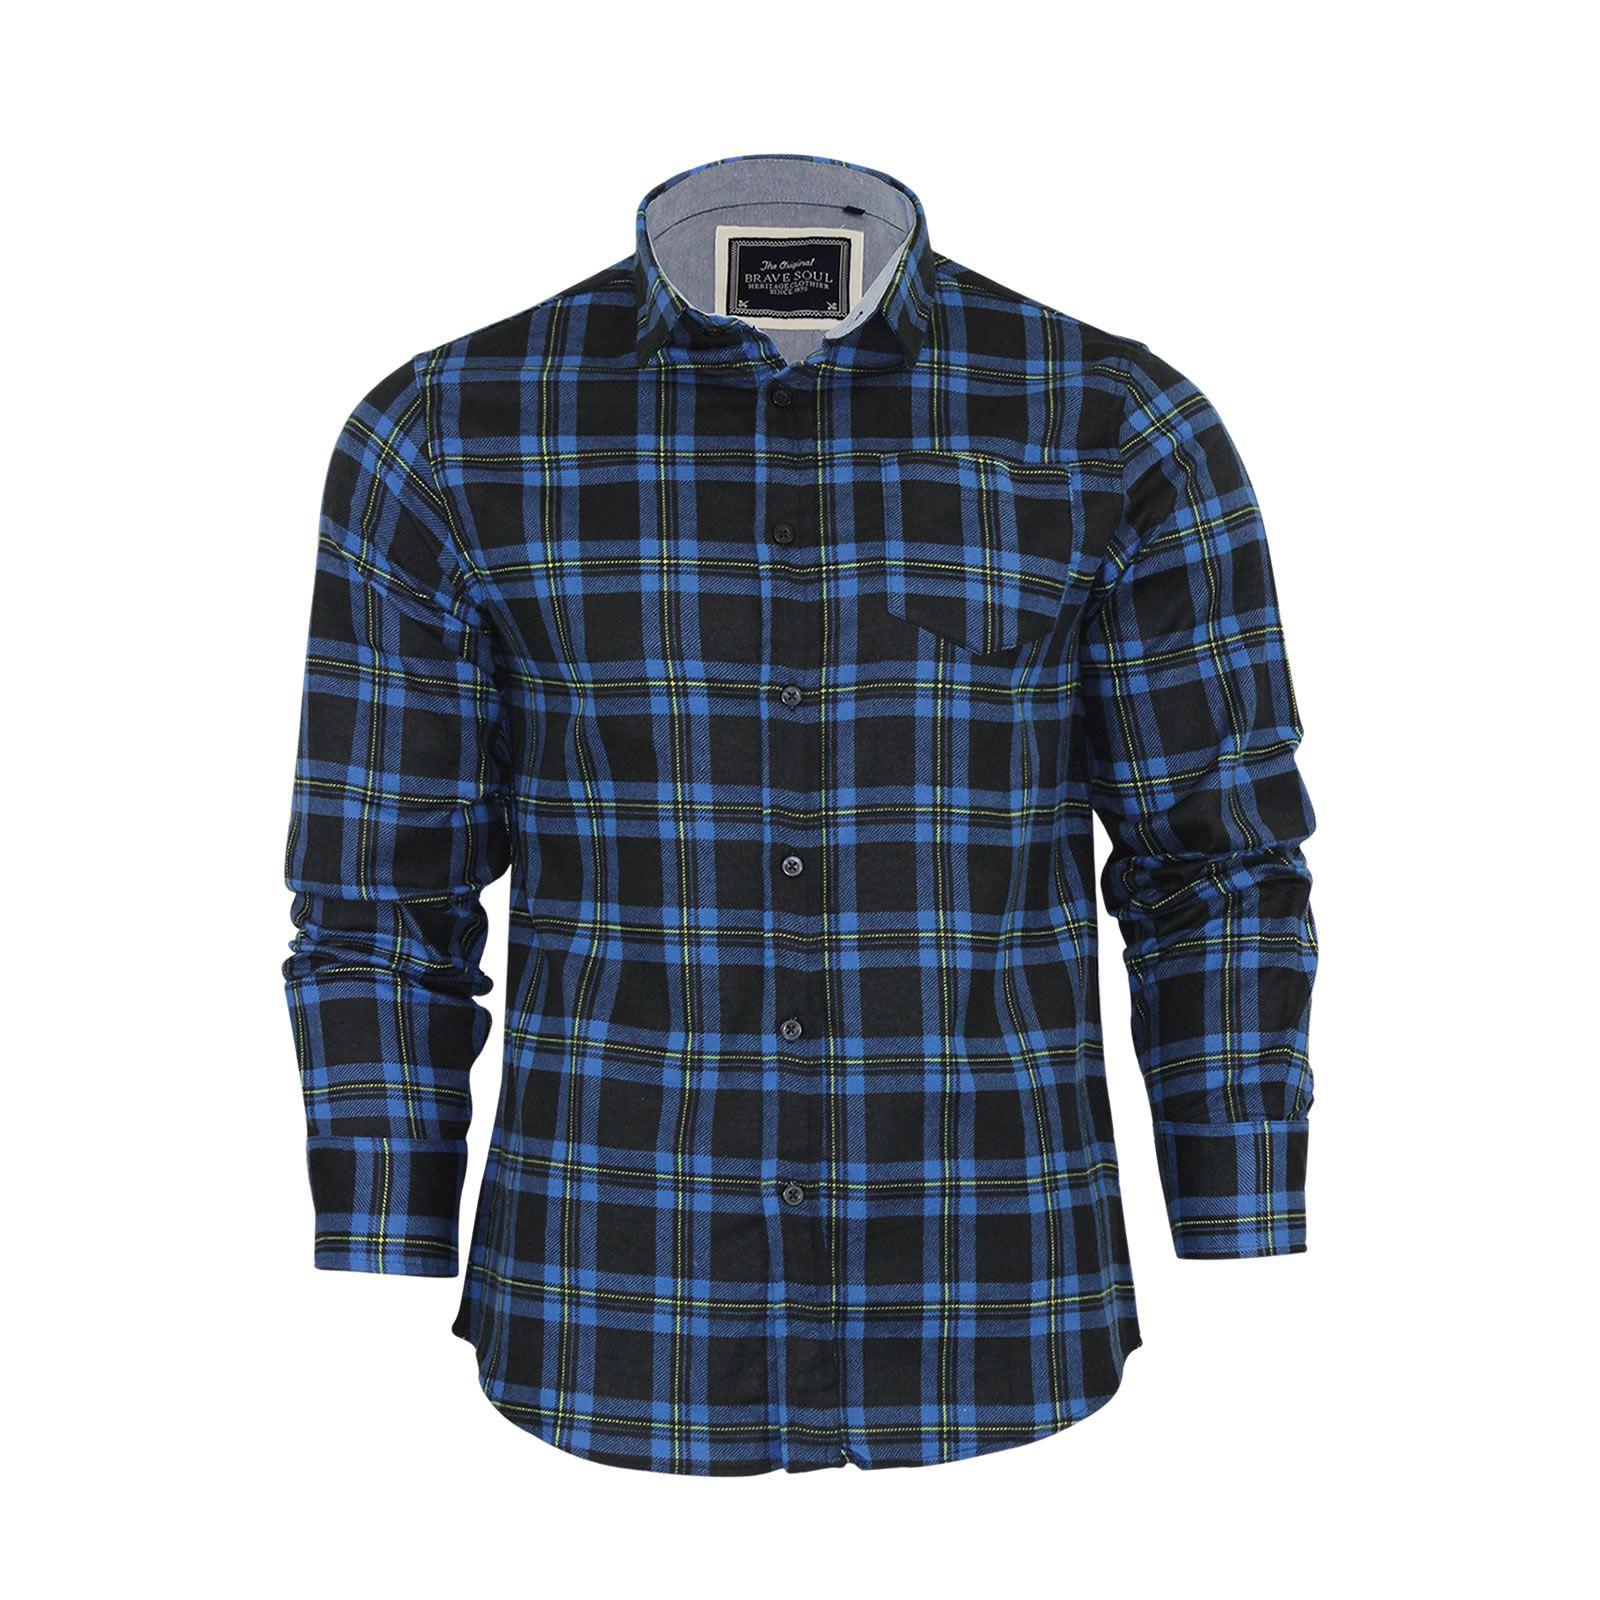 Alma-VALIENTE-HOMBRE-compruebe-Camisa-Algodon-Cepillado-De-Franela-Top-Manga-Larga-Casual miniatura 20